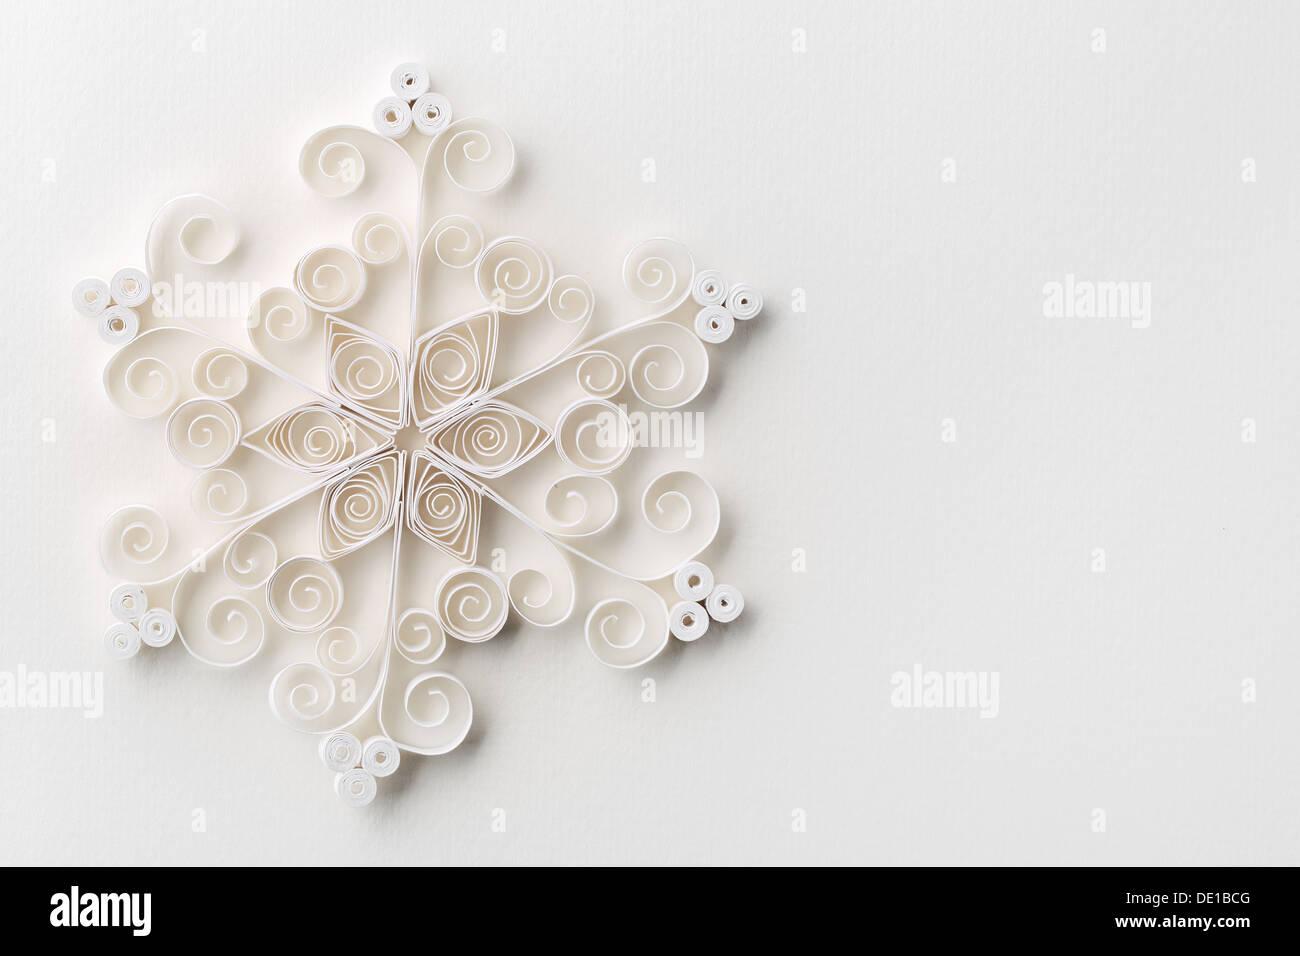 Fiocchi Di Neve Di Carta 3d : Fiocco di neve 3d immagini & fiocco di neve 3d fotos stock alamy